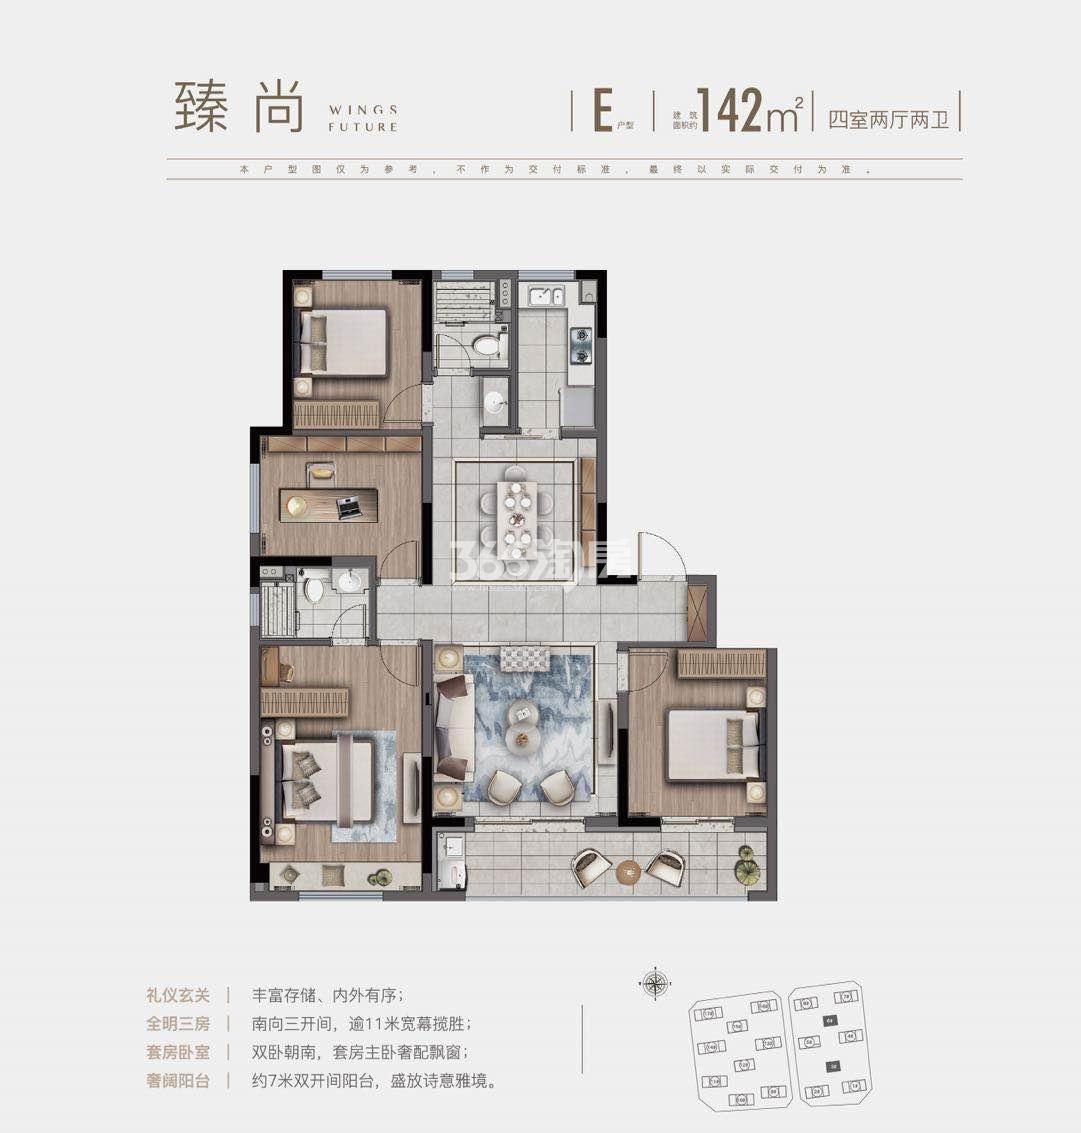 德信未来之翼E户型142平米四室两厅两卫